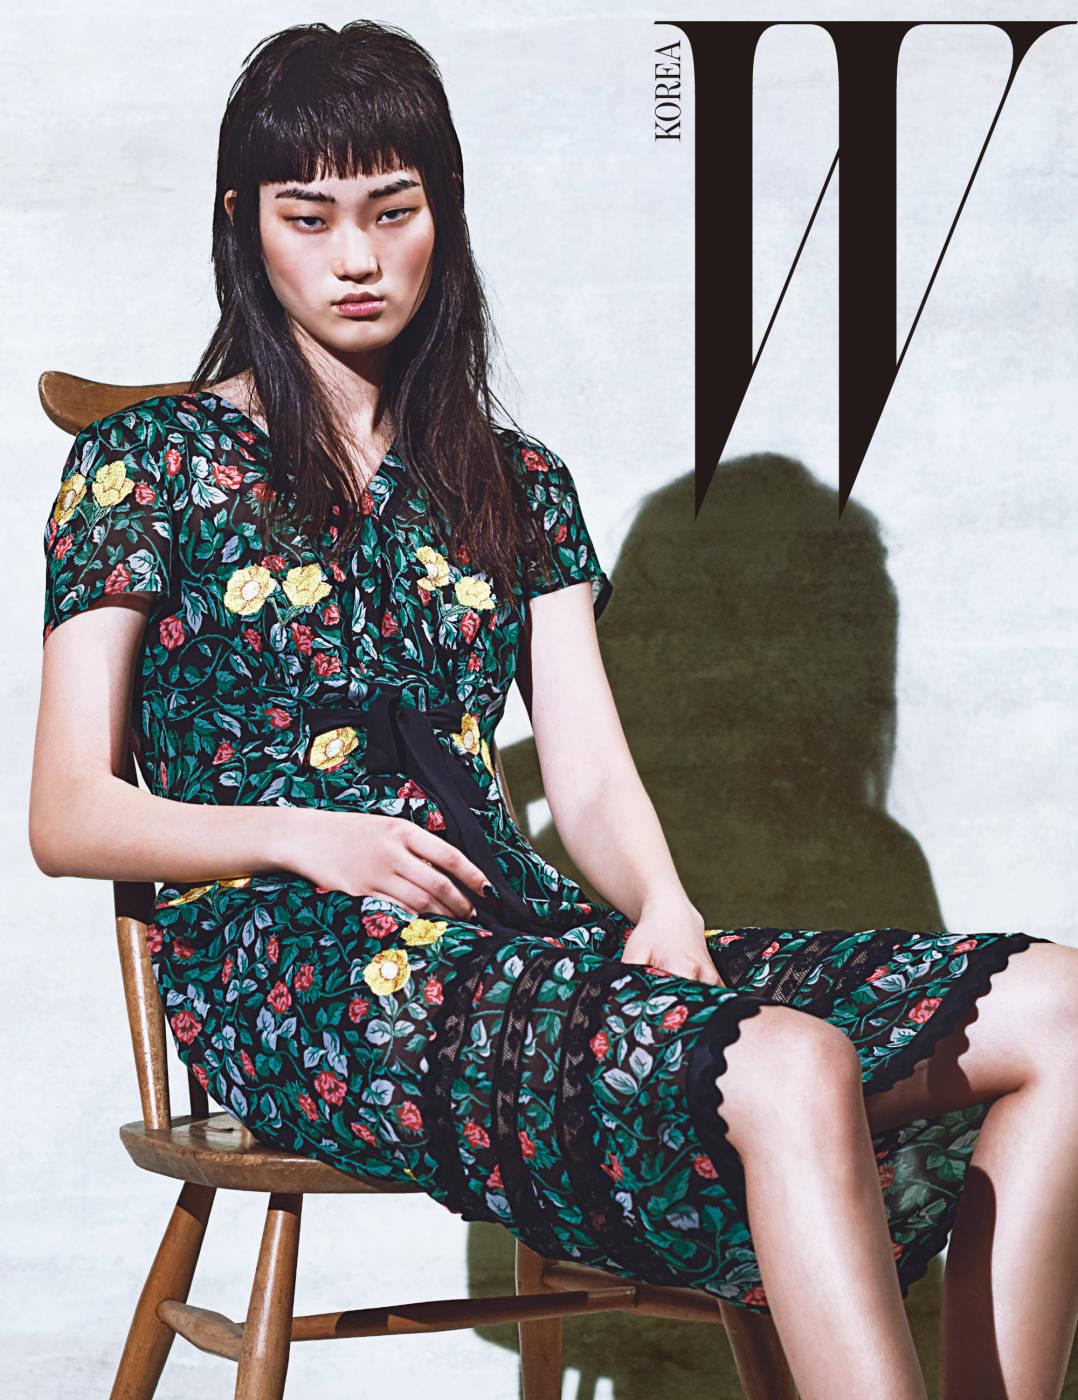 목가적인 꽃무늬가 돋보이는 드레스는 Coach 1941 제품.